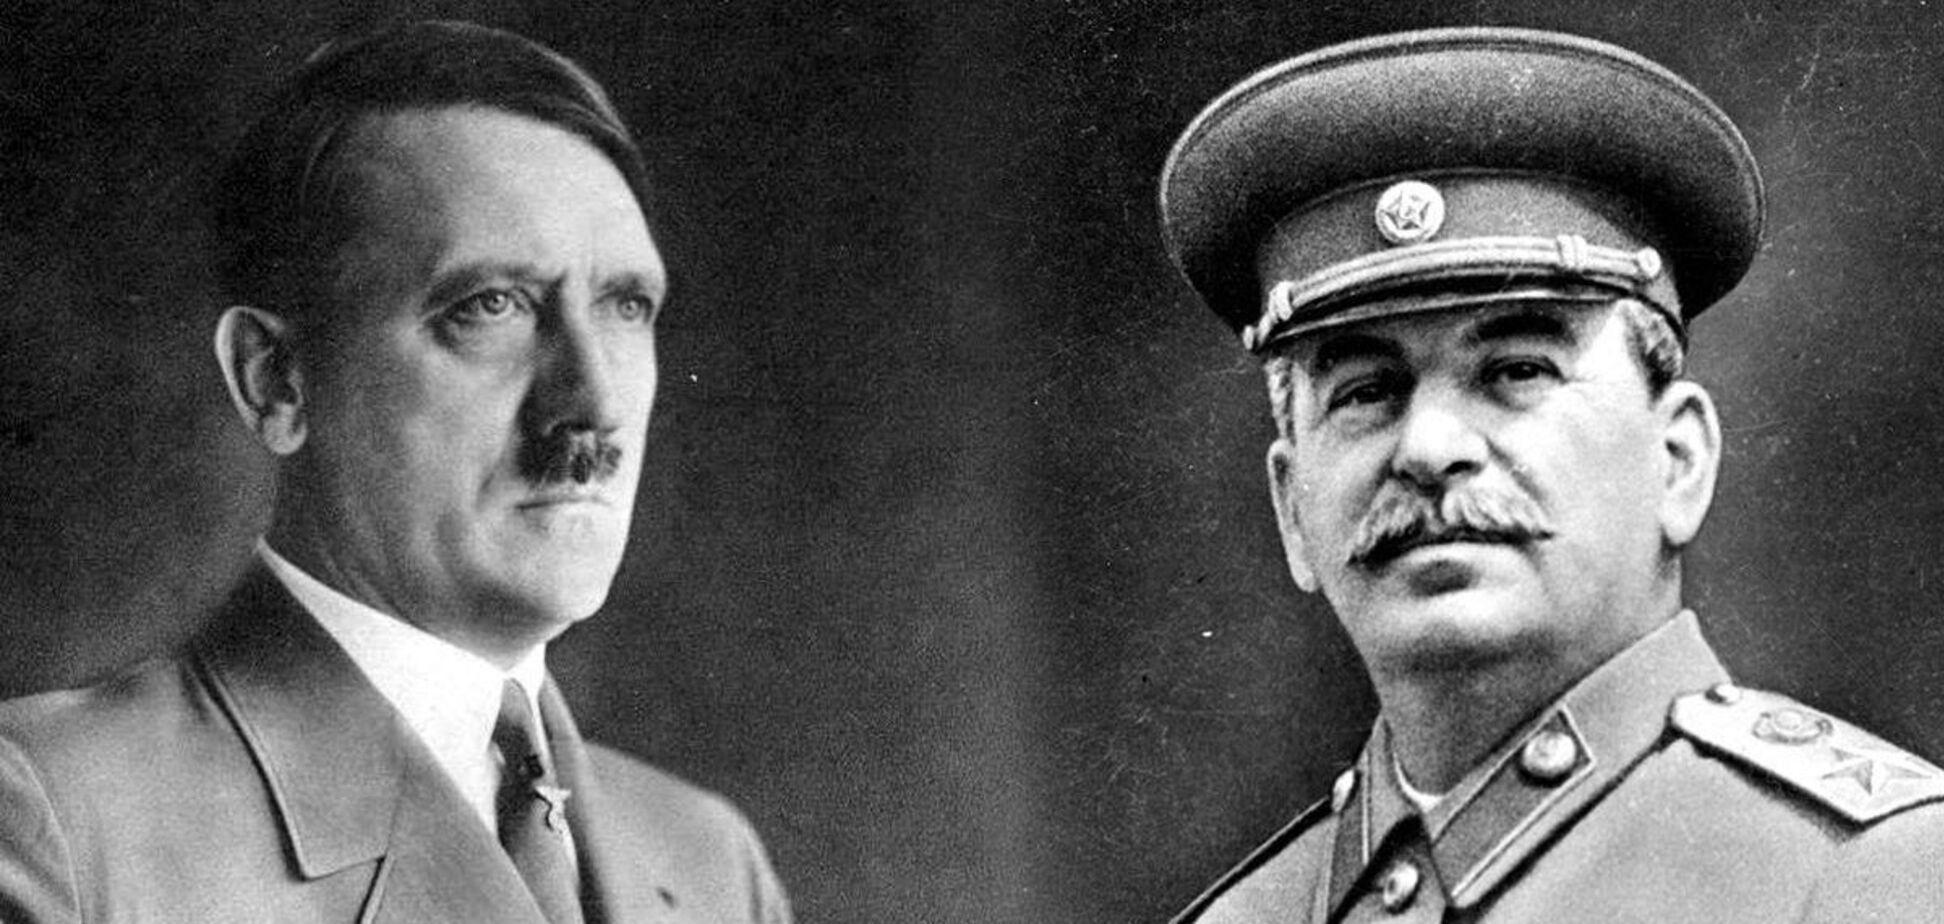 Історик заявив, що Сталін готувався 'встромити сокиру в спину' Гітлеру